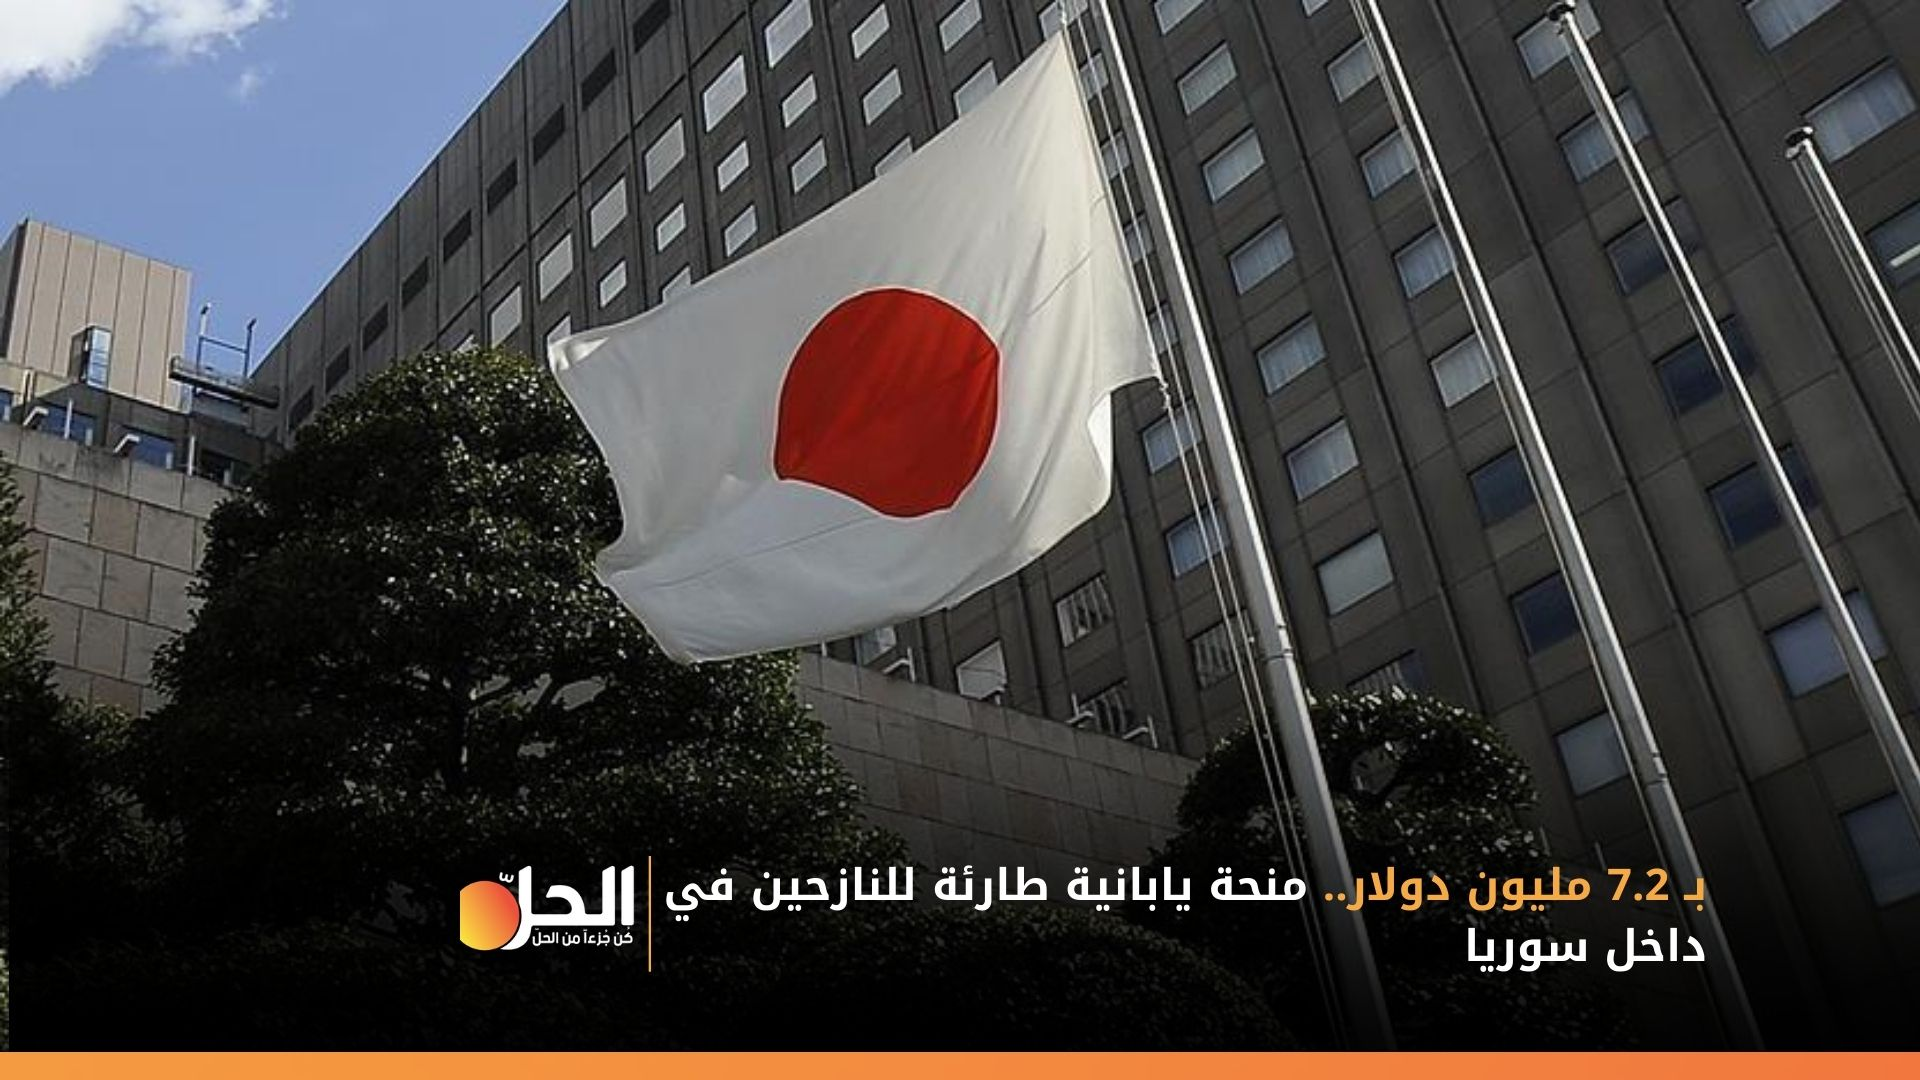 بـ 7.2 مليون دولار.. منحة يابانية طارئة للنازحين في داخل سوريا